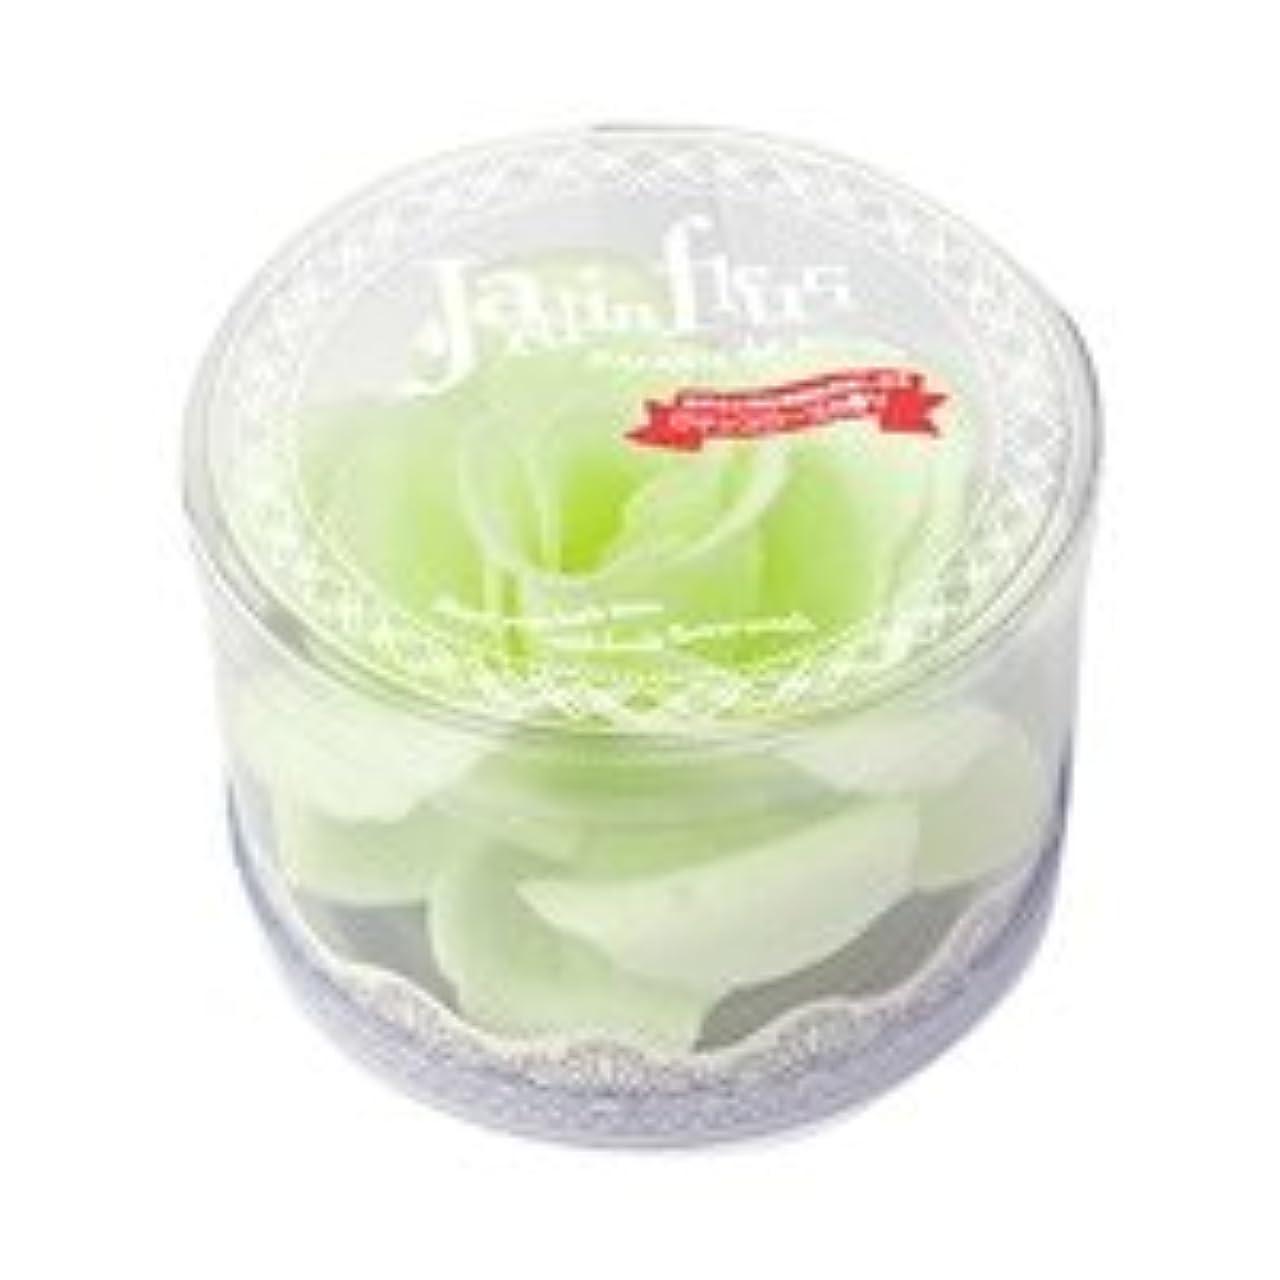 ファッション島想定ジャンダンフルリ バスペタル ボックス「ペール グリーン」6個セット ロマンスローズの香り